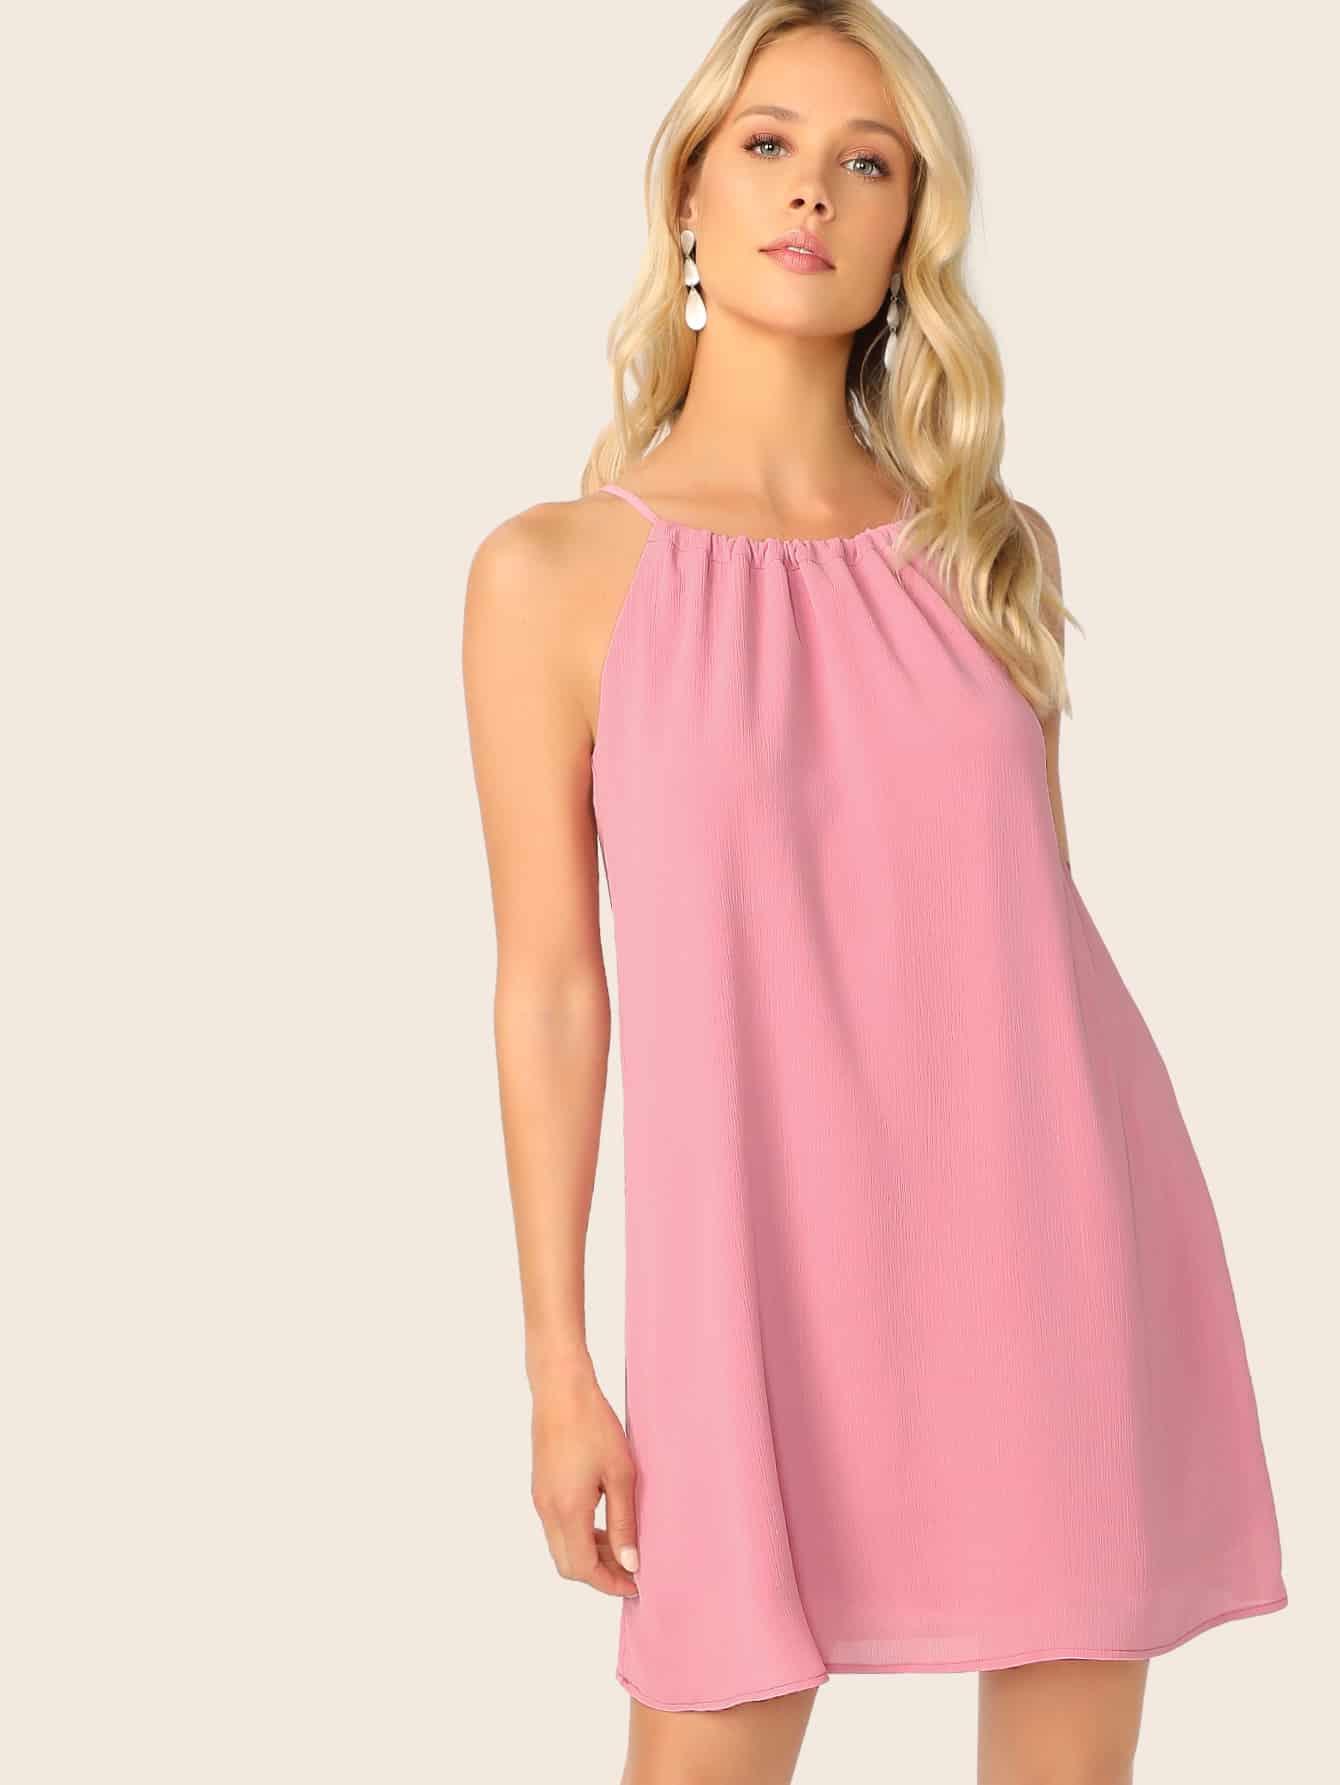 Фото - Платье-халтер на кулиске с кисточками от SheIn цвет розовые